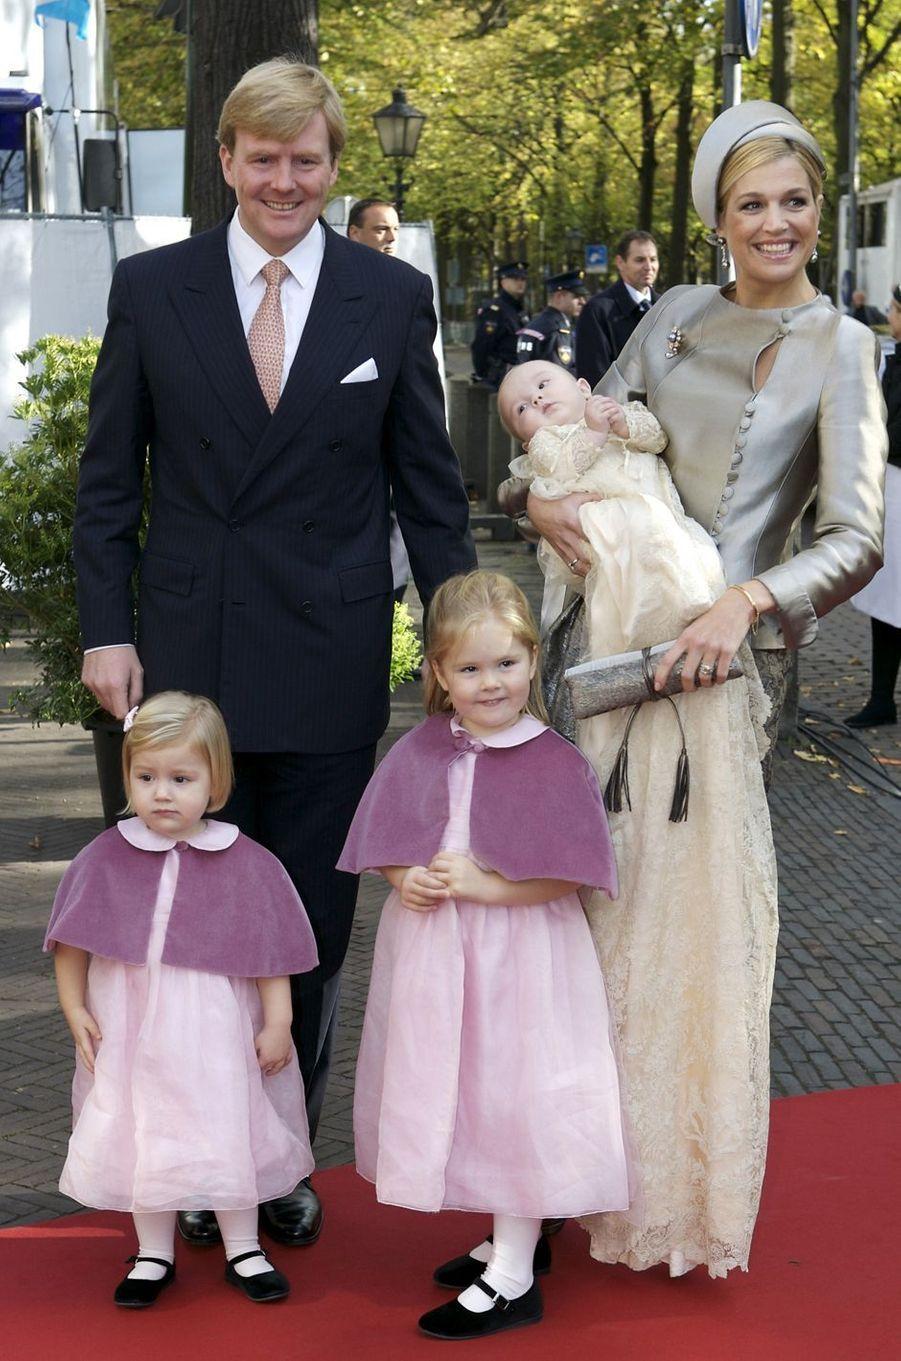 La princesse Ariane des Pays-Bas, le 20 octobre 2007, jour de son baptême, avec ses parents le prince Willem-Alexander et la princesse Maxima, et ses soeurs les princesses Catharina-Amalia et Alexia